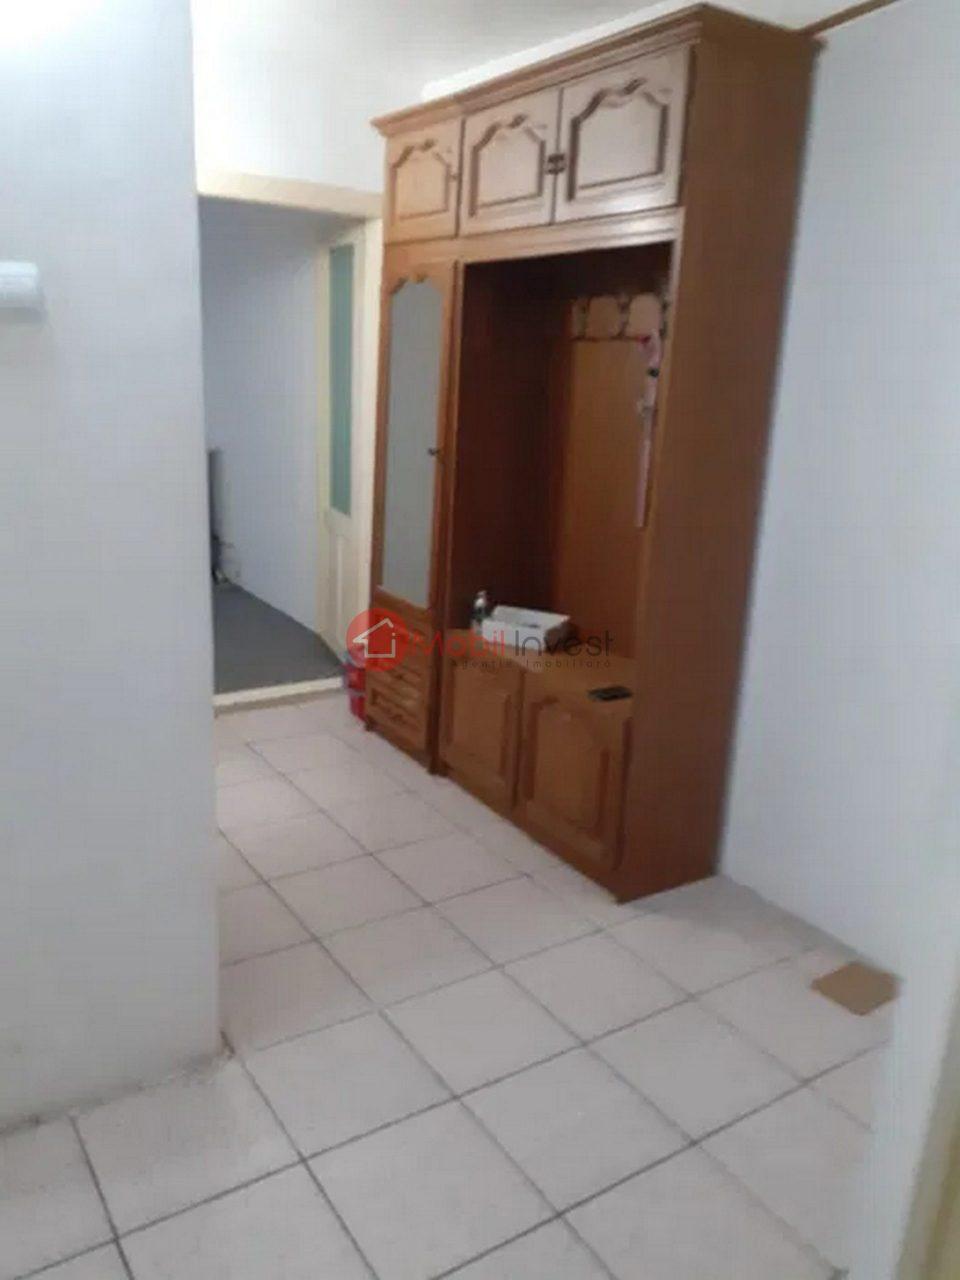 Apartament 3 camere, 2 bai, zona Stadion